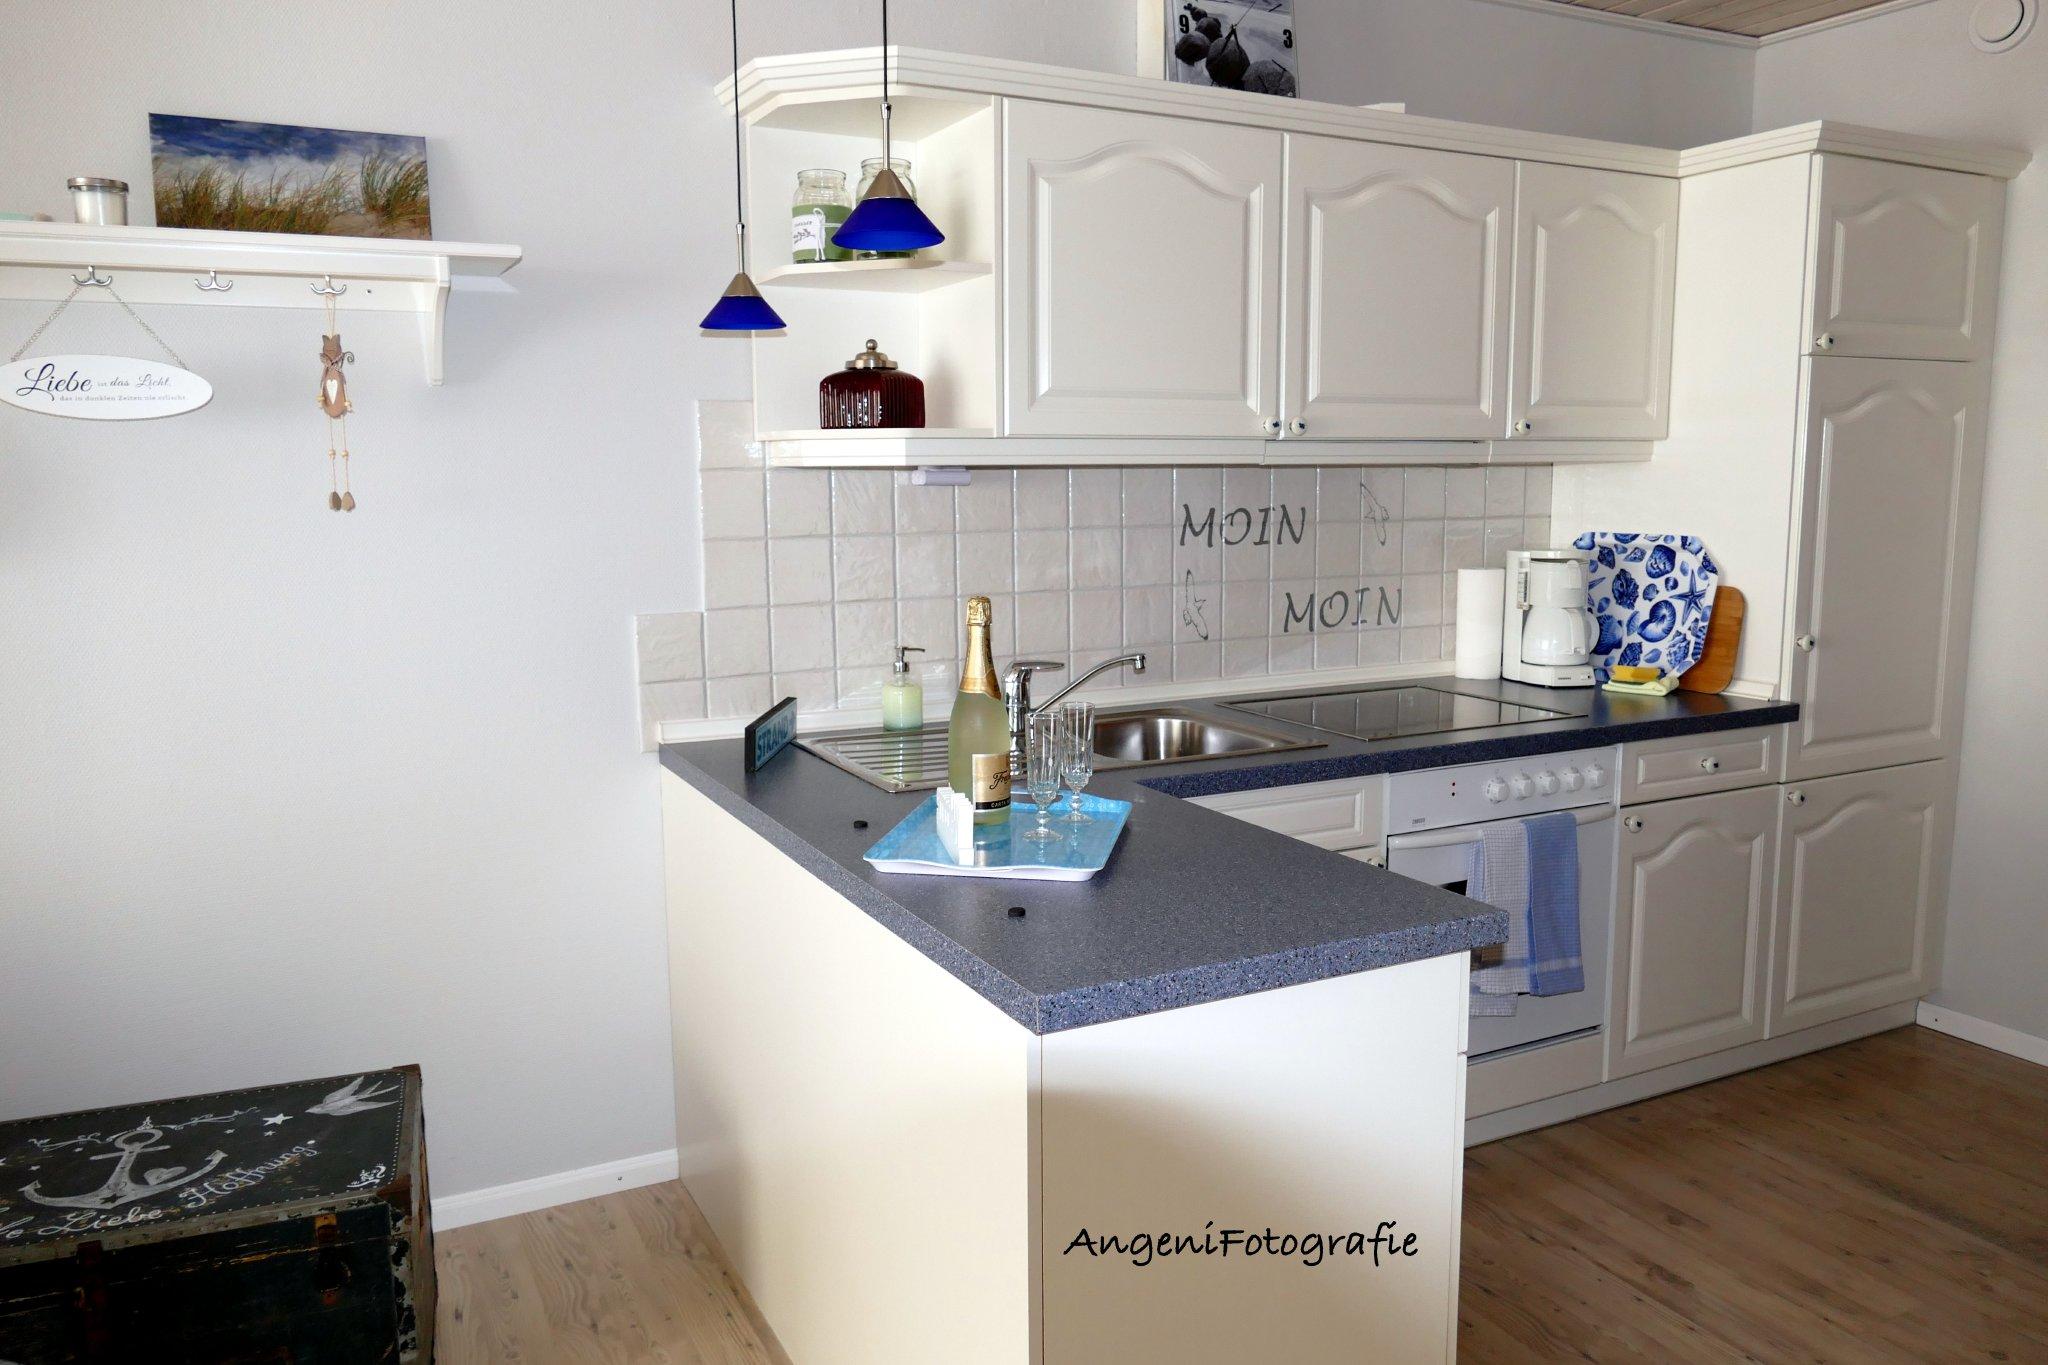 Tolle Küche - komplett ausgestattet...